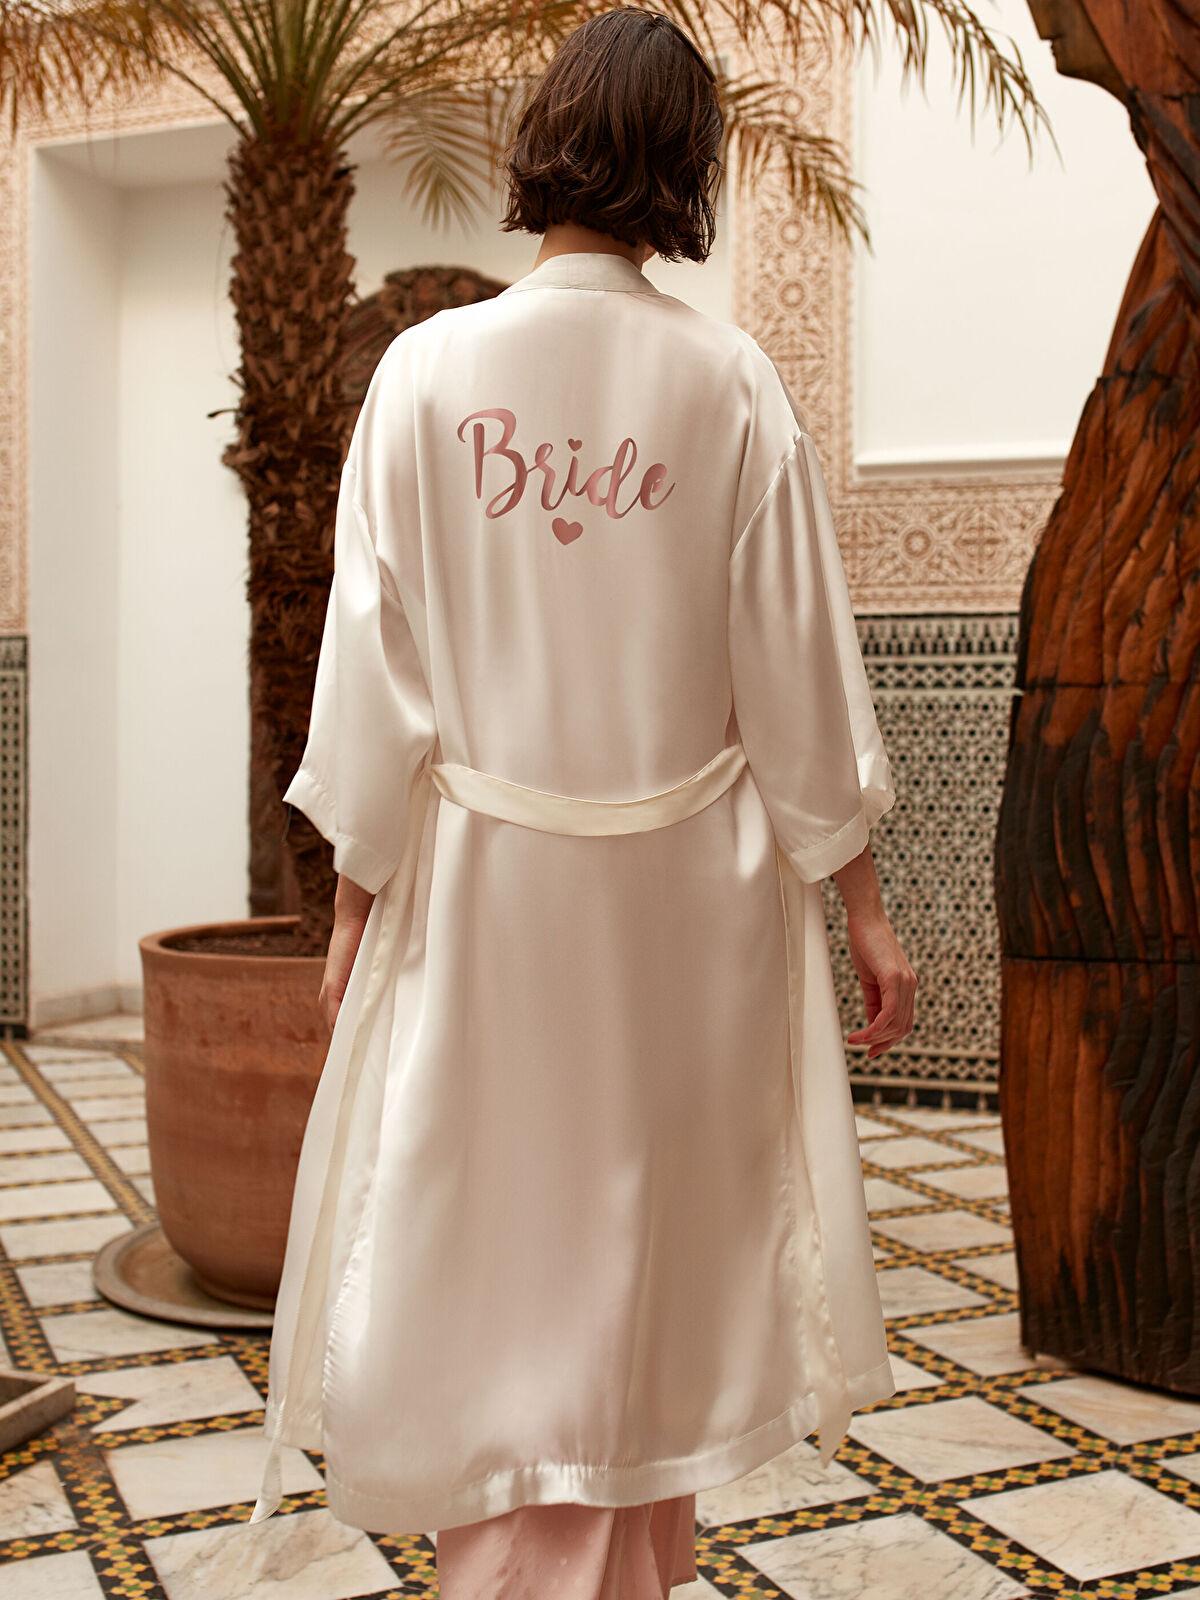 Bride Koleksiyonu Kuşaklı Saten Sabahlık - LC WAIKIKI